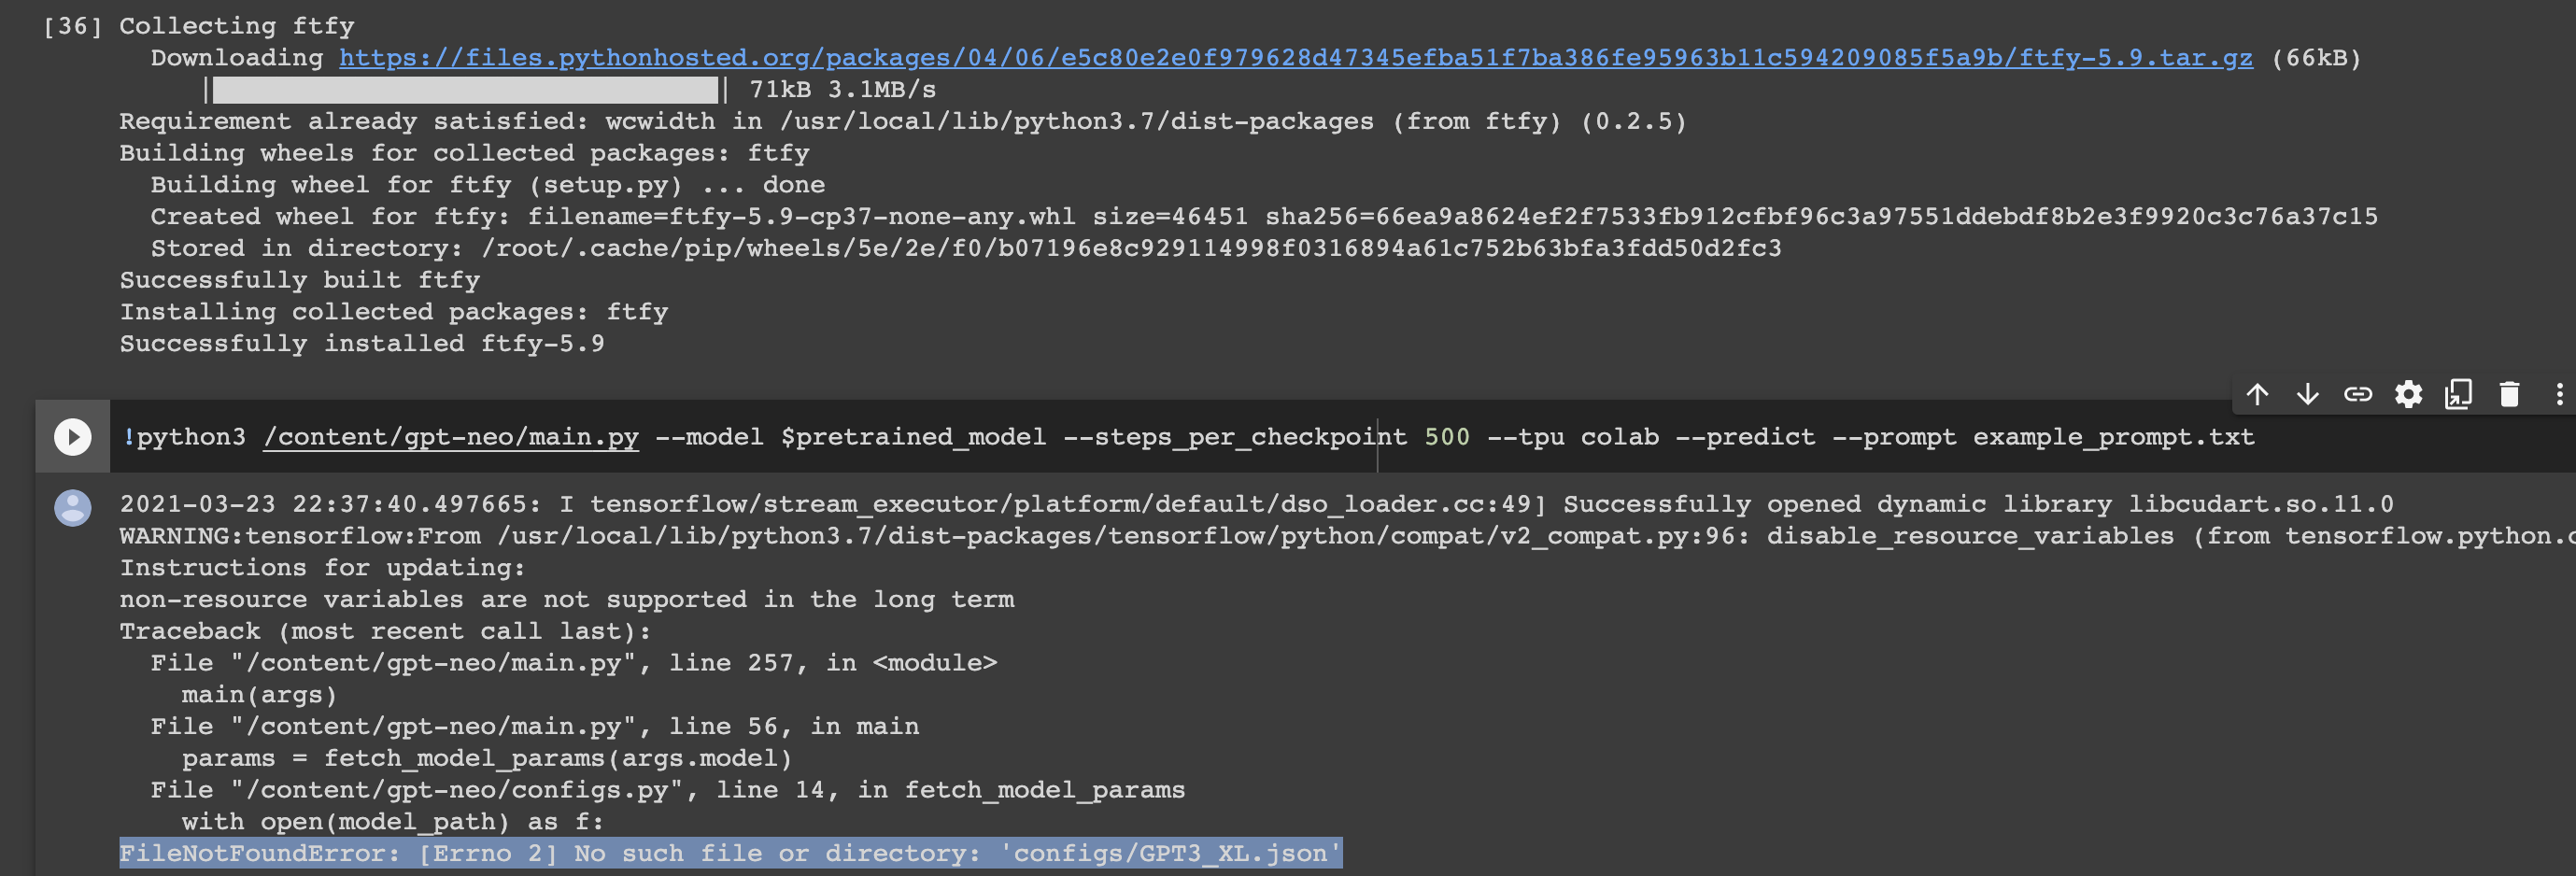 Screenshot 2021-03-23 at 22 42 40